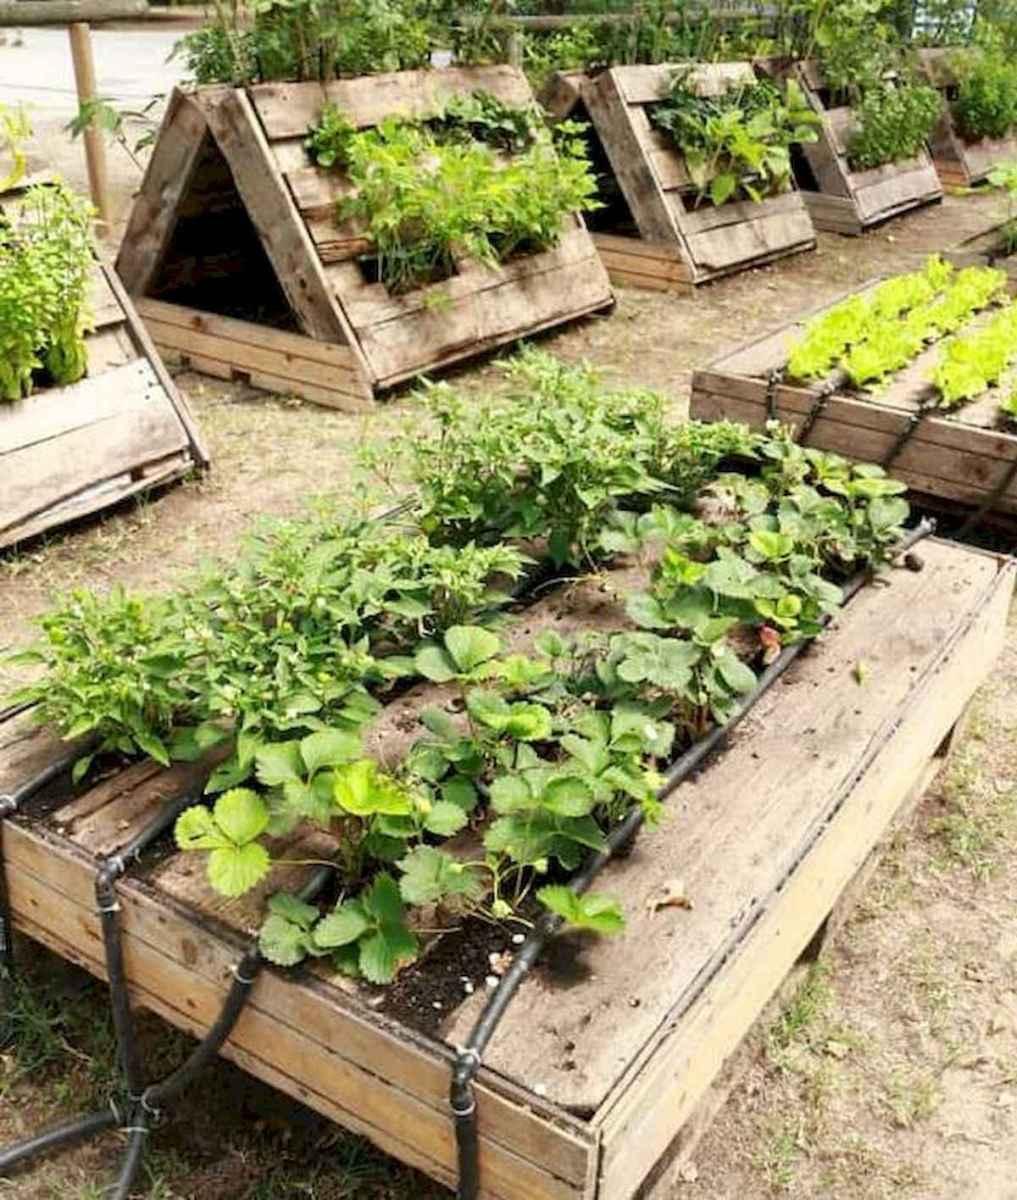 50 Best Garden Beds Design Ideas For Summer (15)